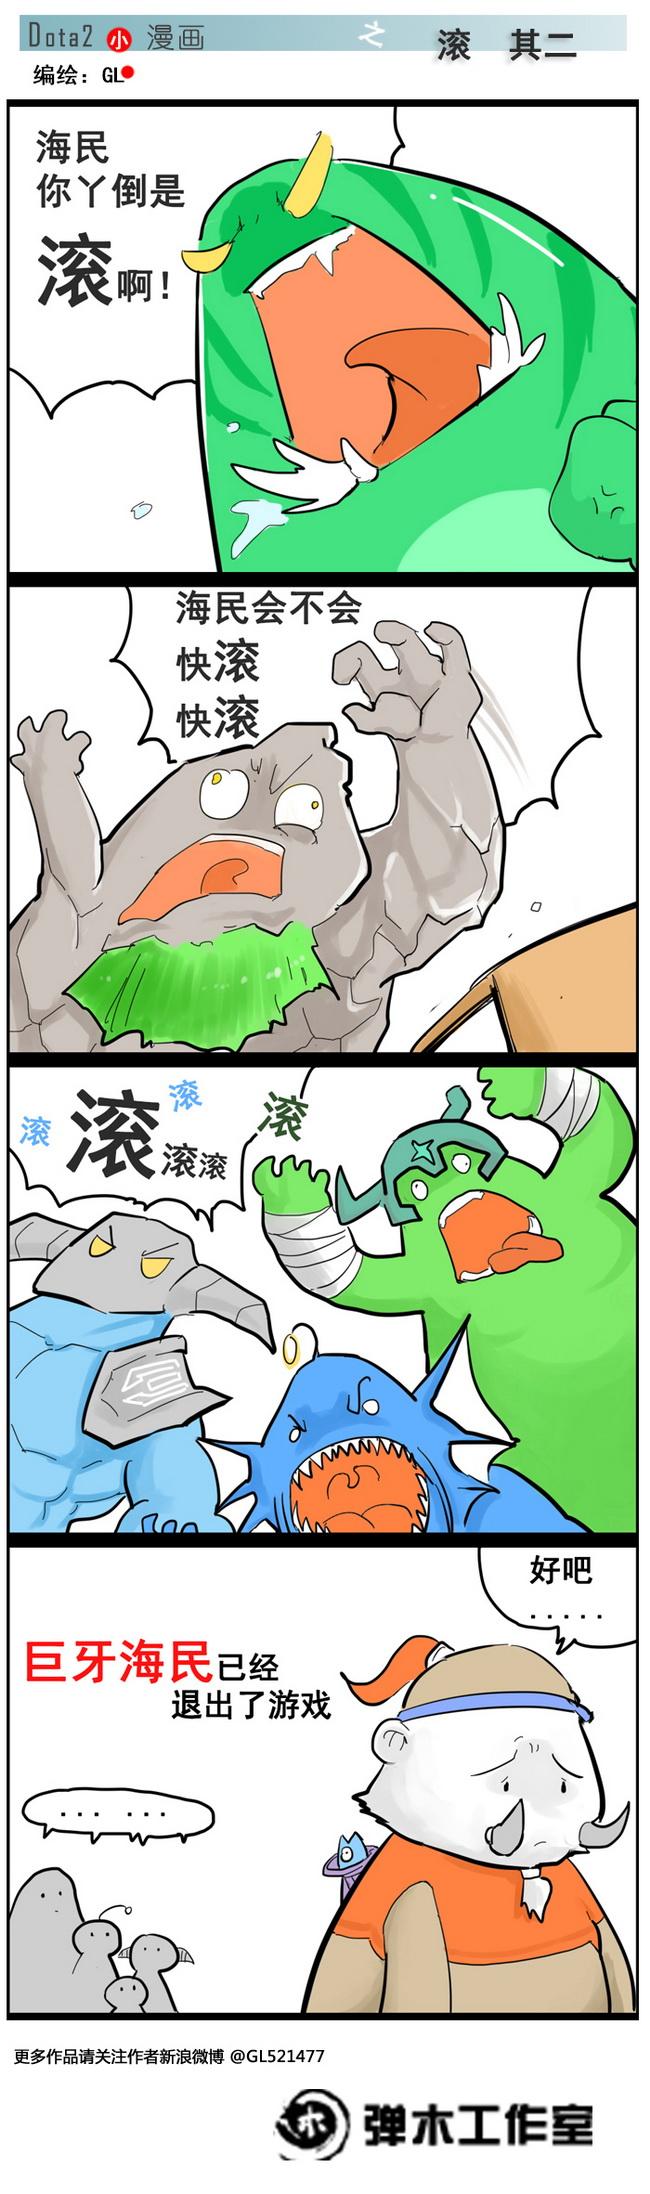 团灭发动机的励志剧 dota2巨牙海民四格漫画